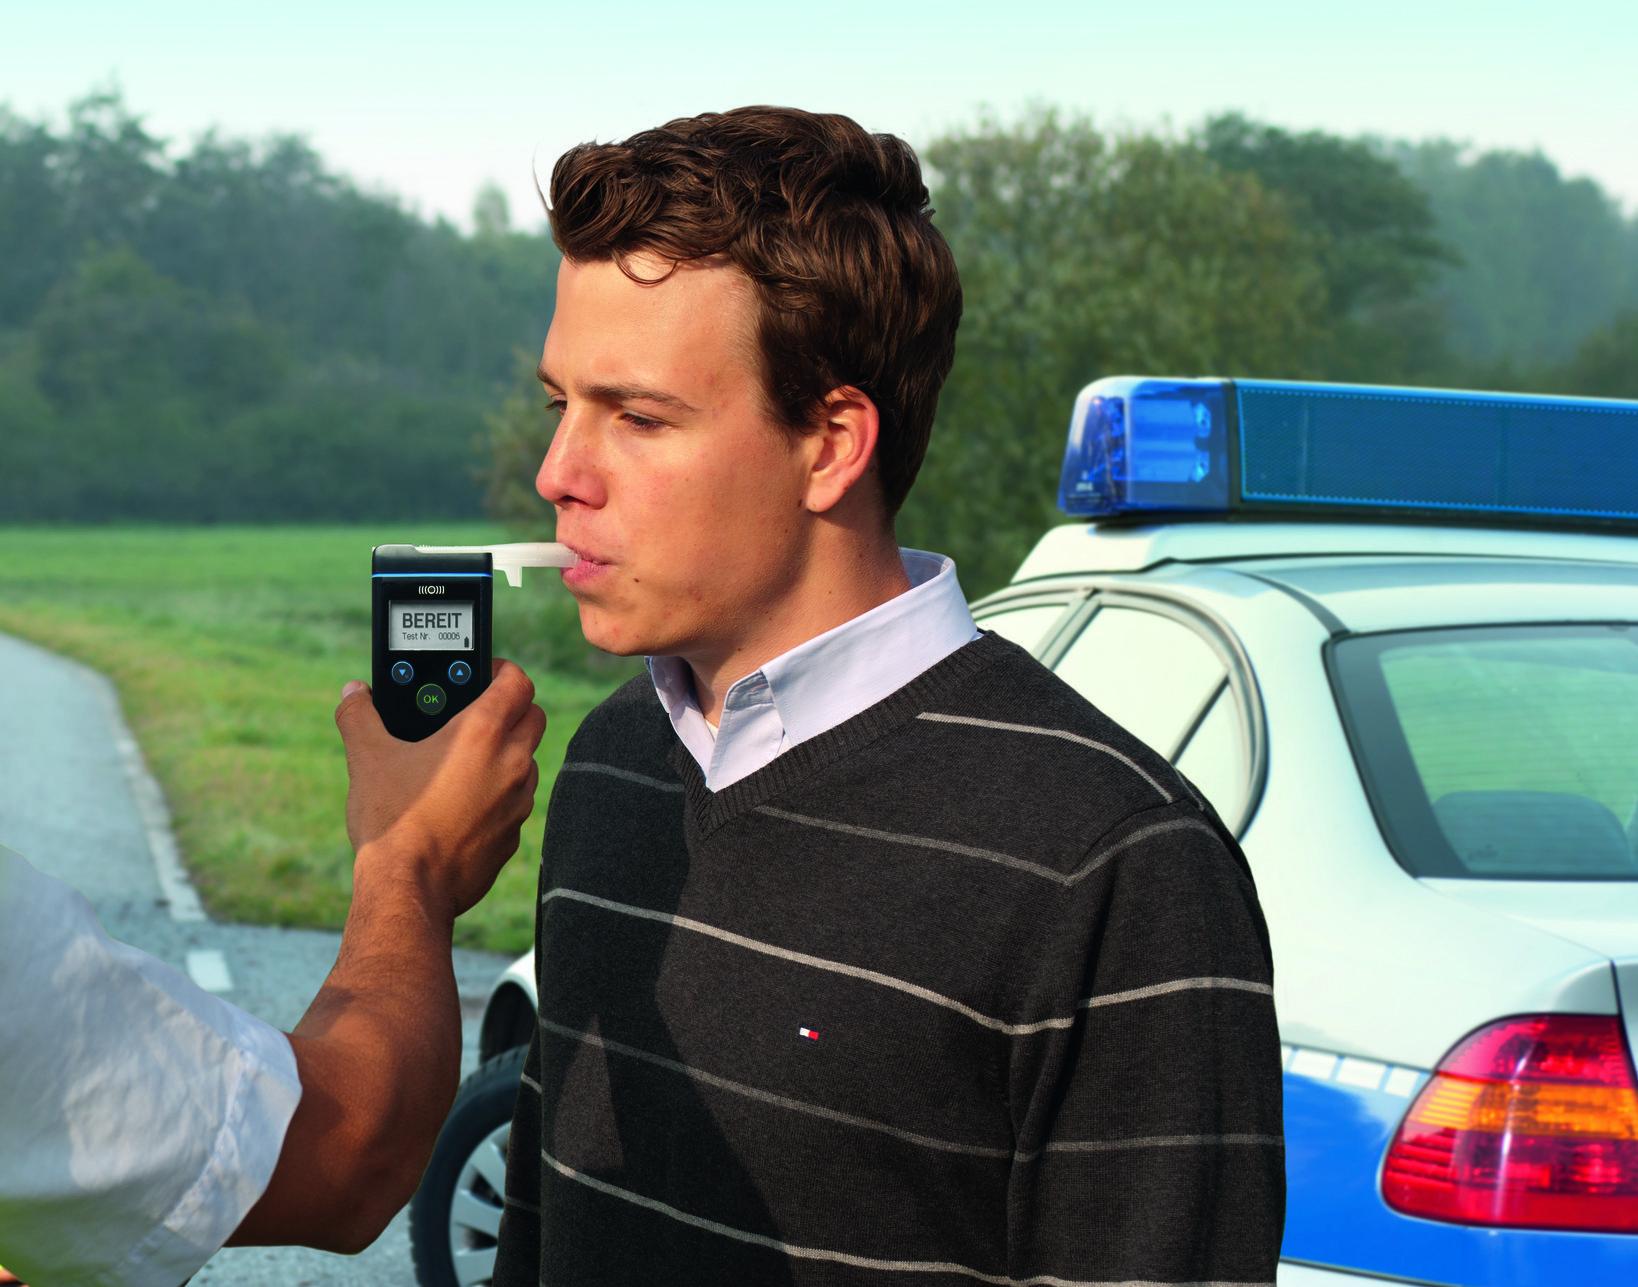 Alkoholtestgeräte sollten allein der Polizei vorbehalten werden, findet der ADAC.